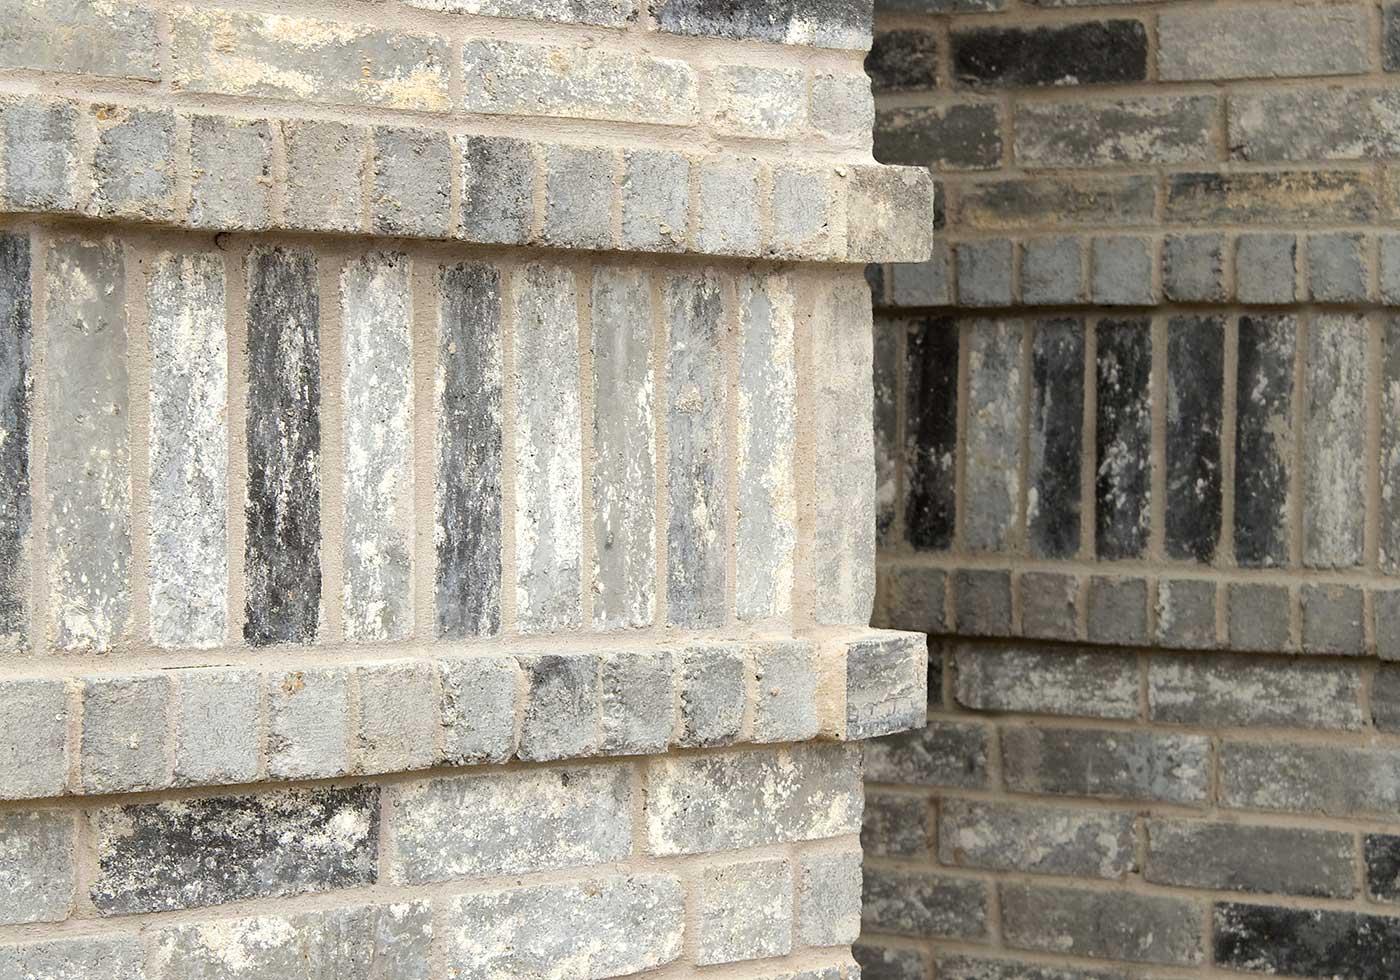 Gettysburg brick detail